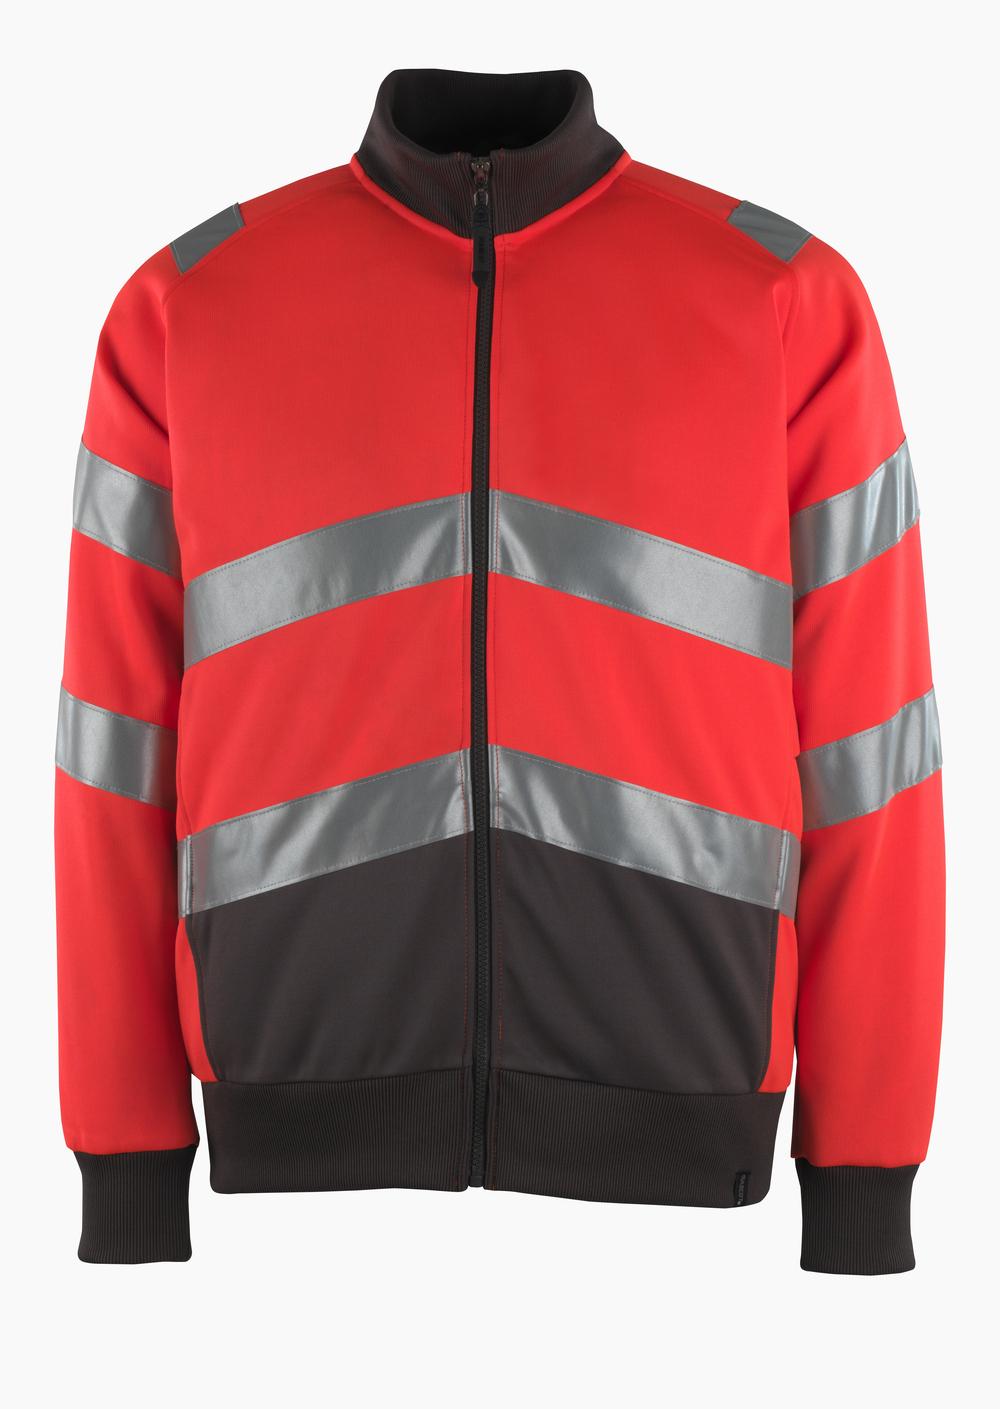 50116-950-A49 Sweatshirt mit Reißverschluss - hi-vis Rot/Dunkelanthrazit